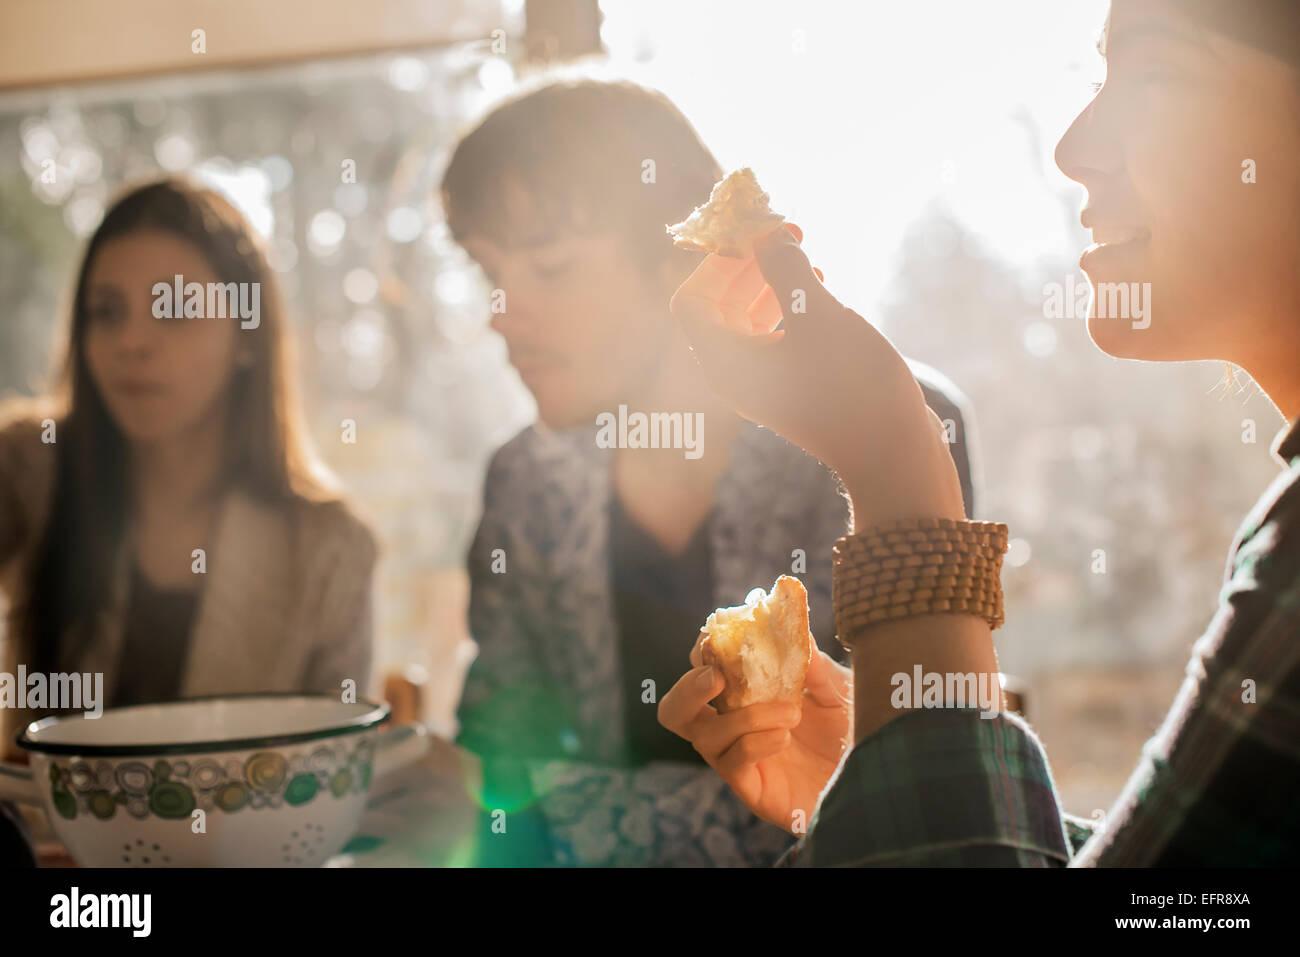 Tres personas sentadas en una mesa, sonreír, comer y conversar. Imagen De Stock